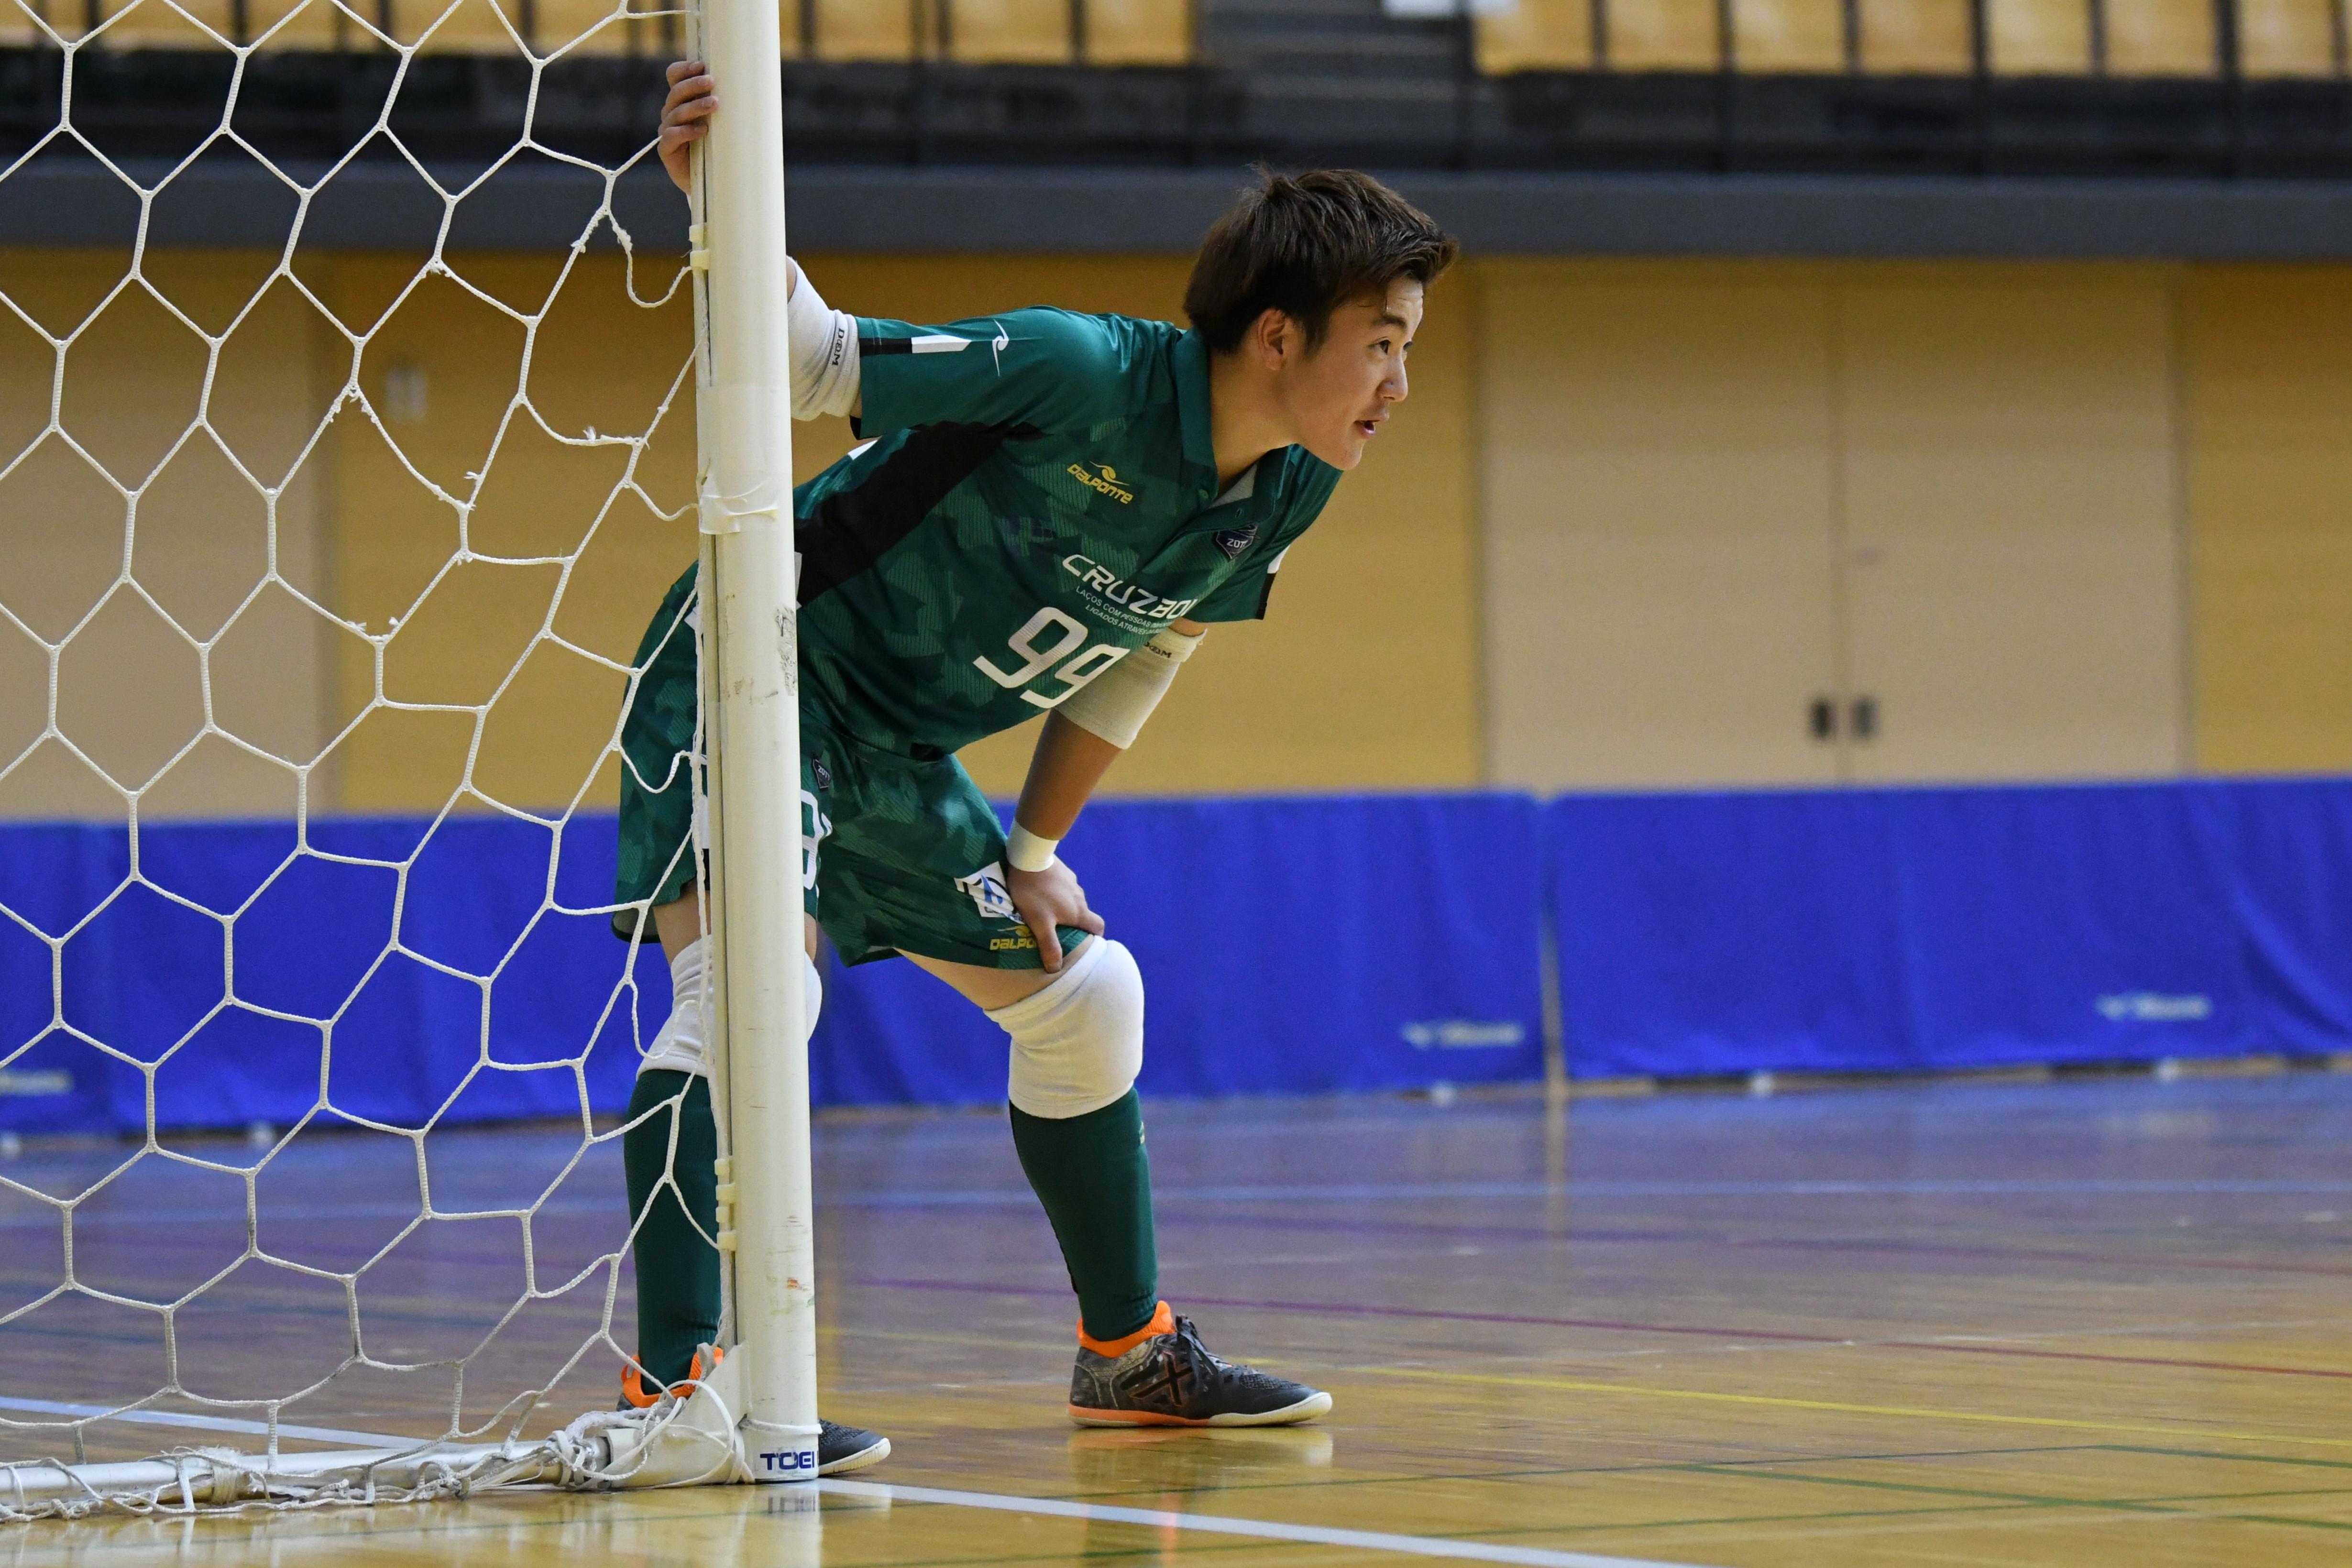 柳川 結星選手 TOPチーム昇格のお知らせの画像